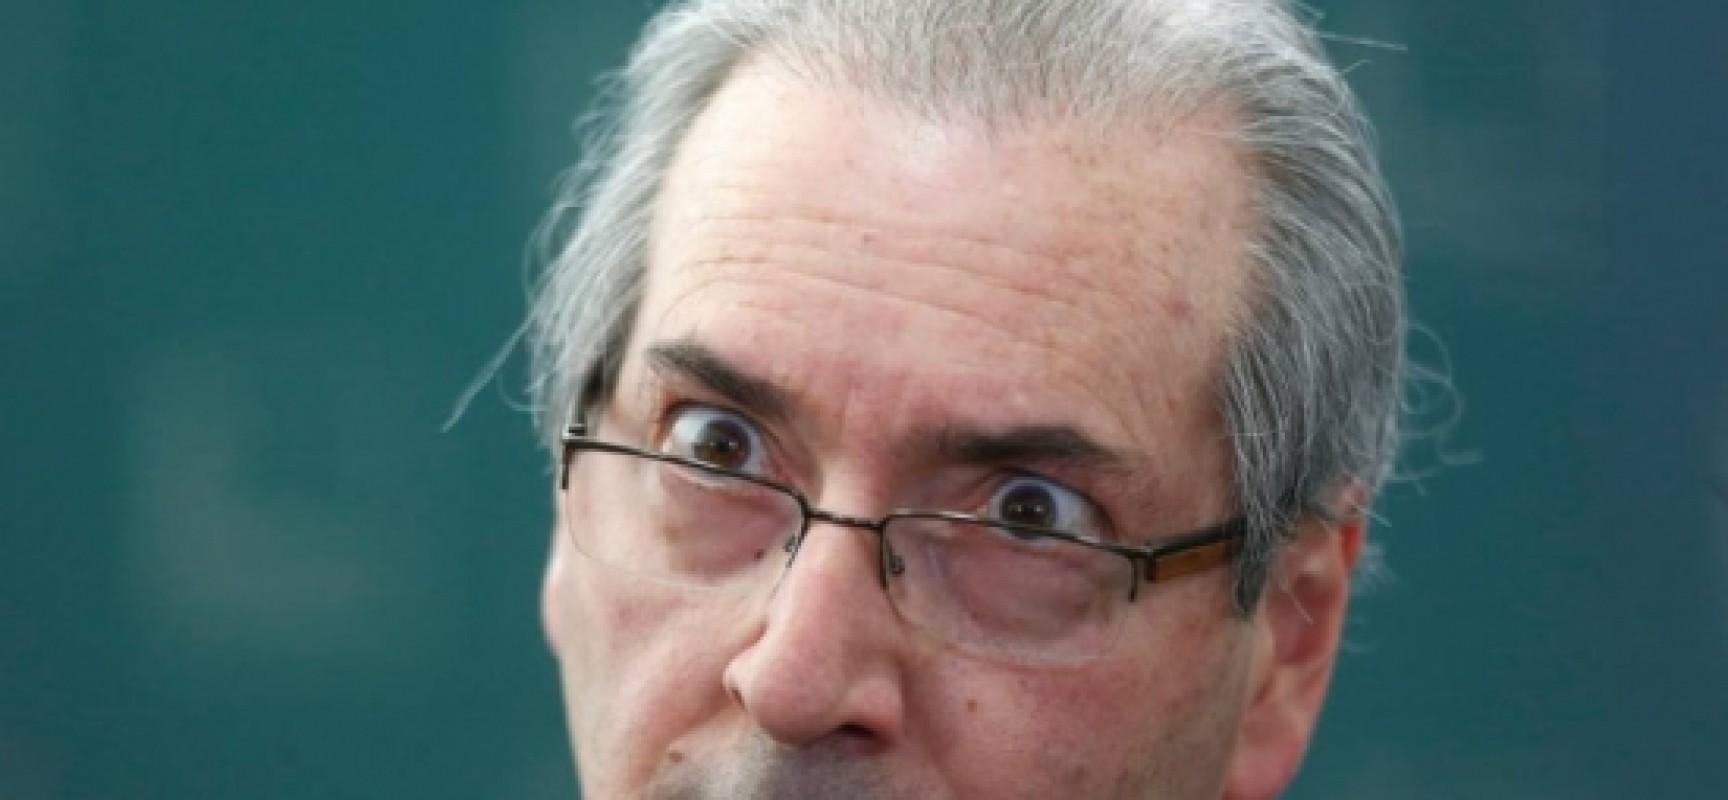 Conselho de Ética abre hoje (3/11) processo contra o deputado Eduardo Cunha (PMDB/RJ)